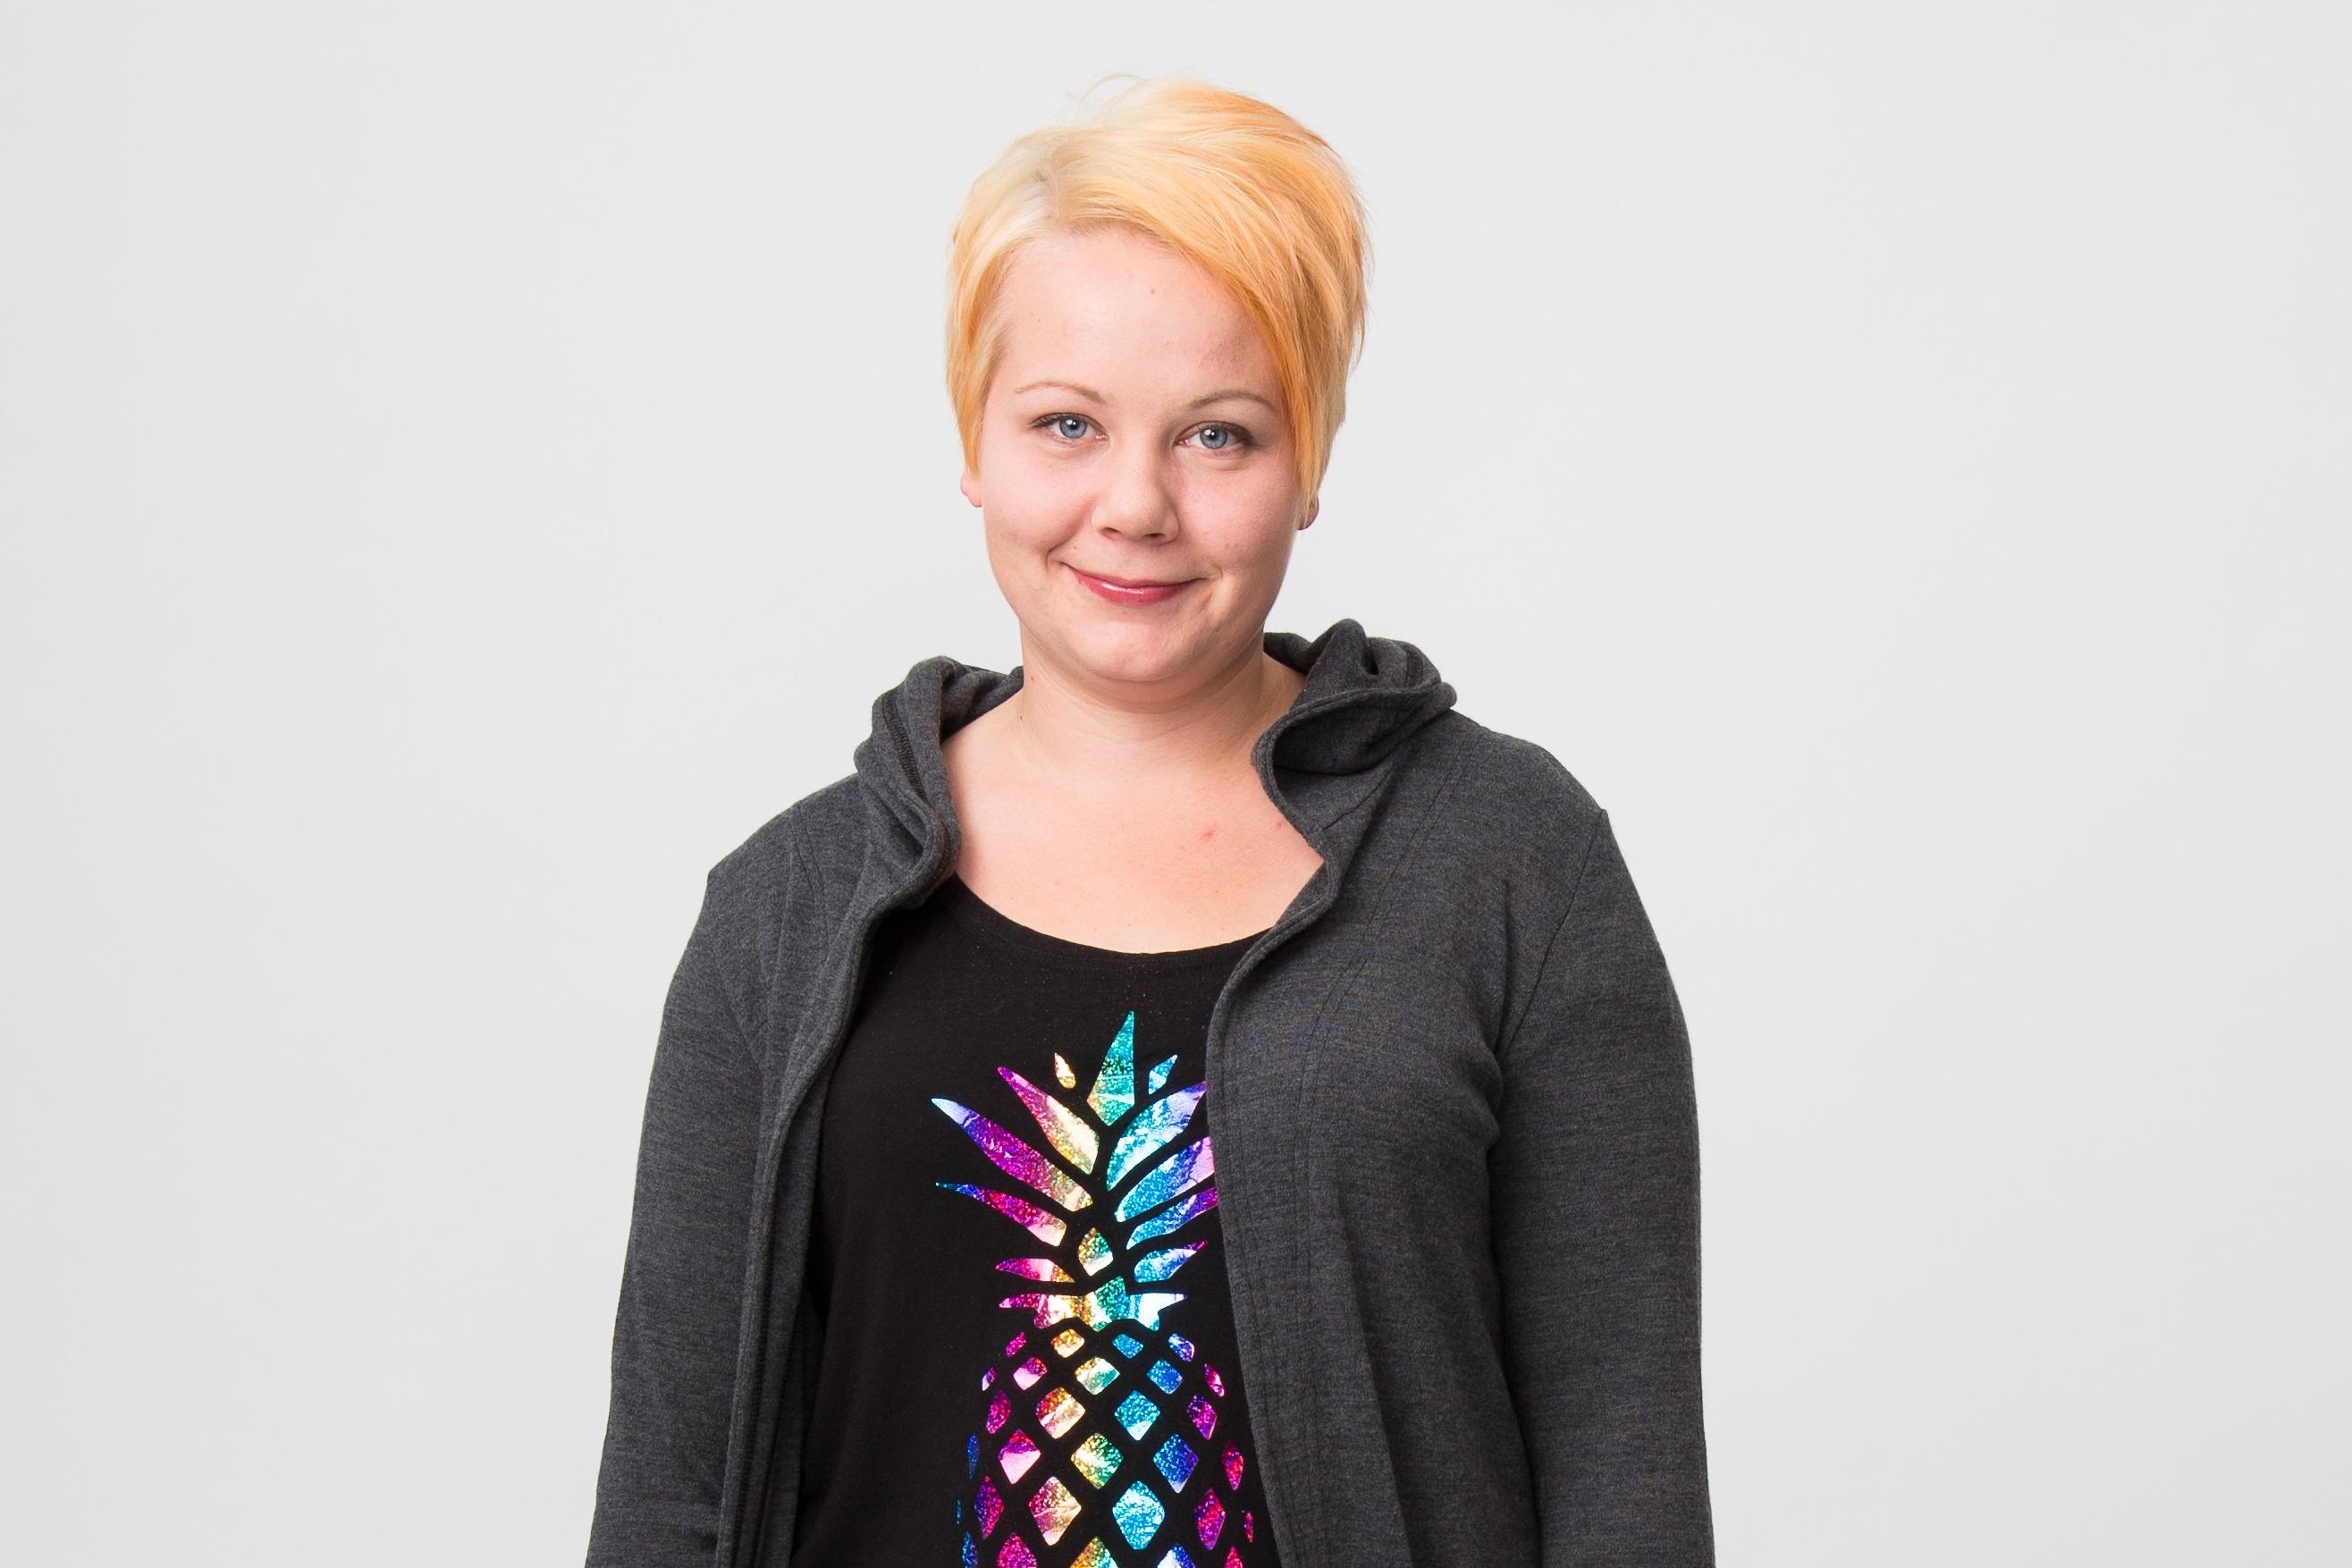 Jenni Kulmala löysi liikeidean harrastepiireistä – liikevaihto liki tuplaantui vuodessa